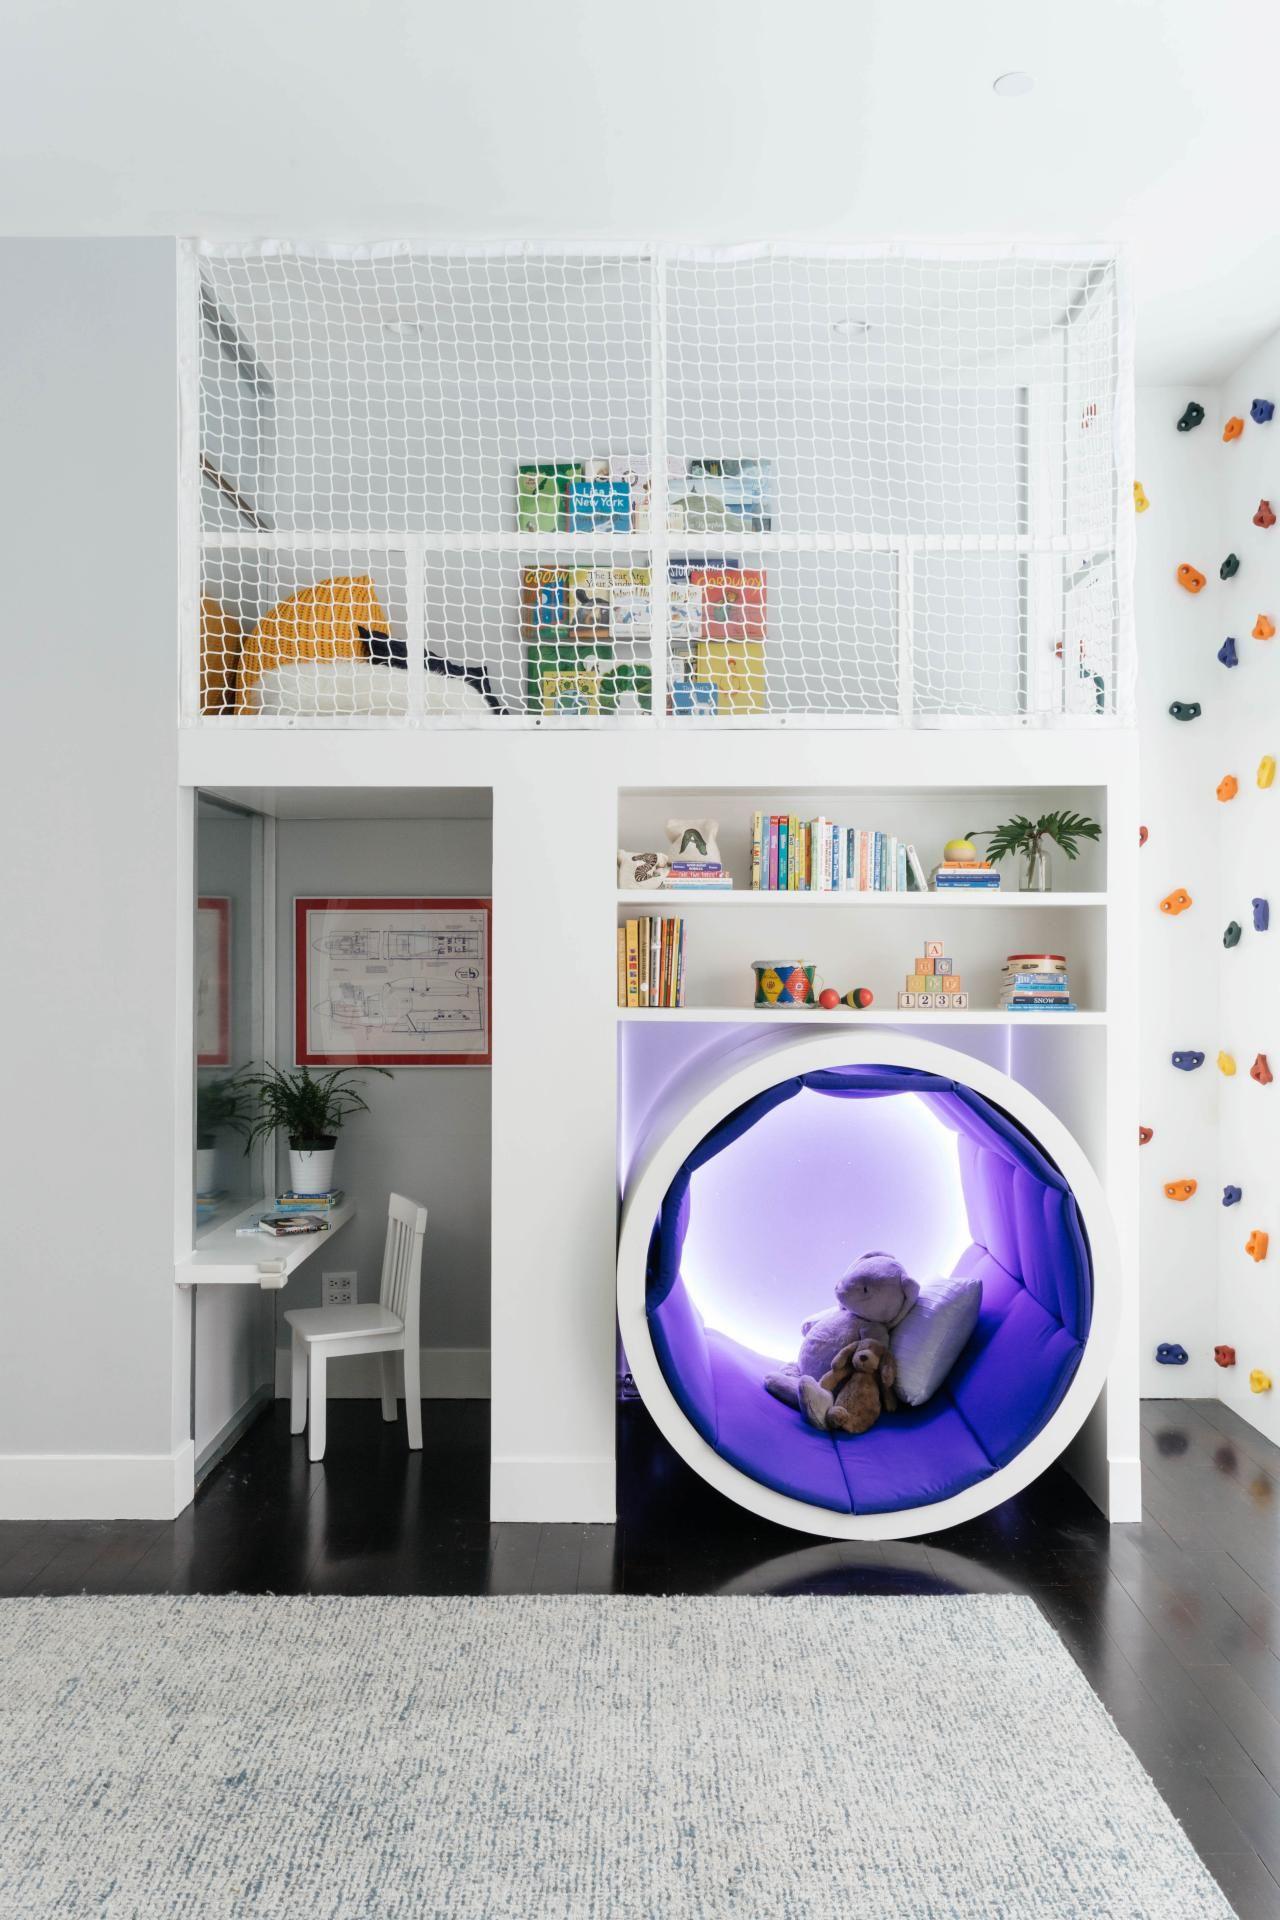 Boys Bedroom Ideas Toddler Small Immagine Cameretta Moderno Ragazzo Con Pareta Da Arrampicata E Soppalco Spazio Perfetto Per Attività Sportive